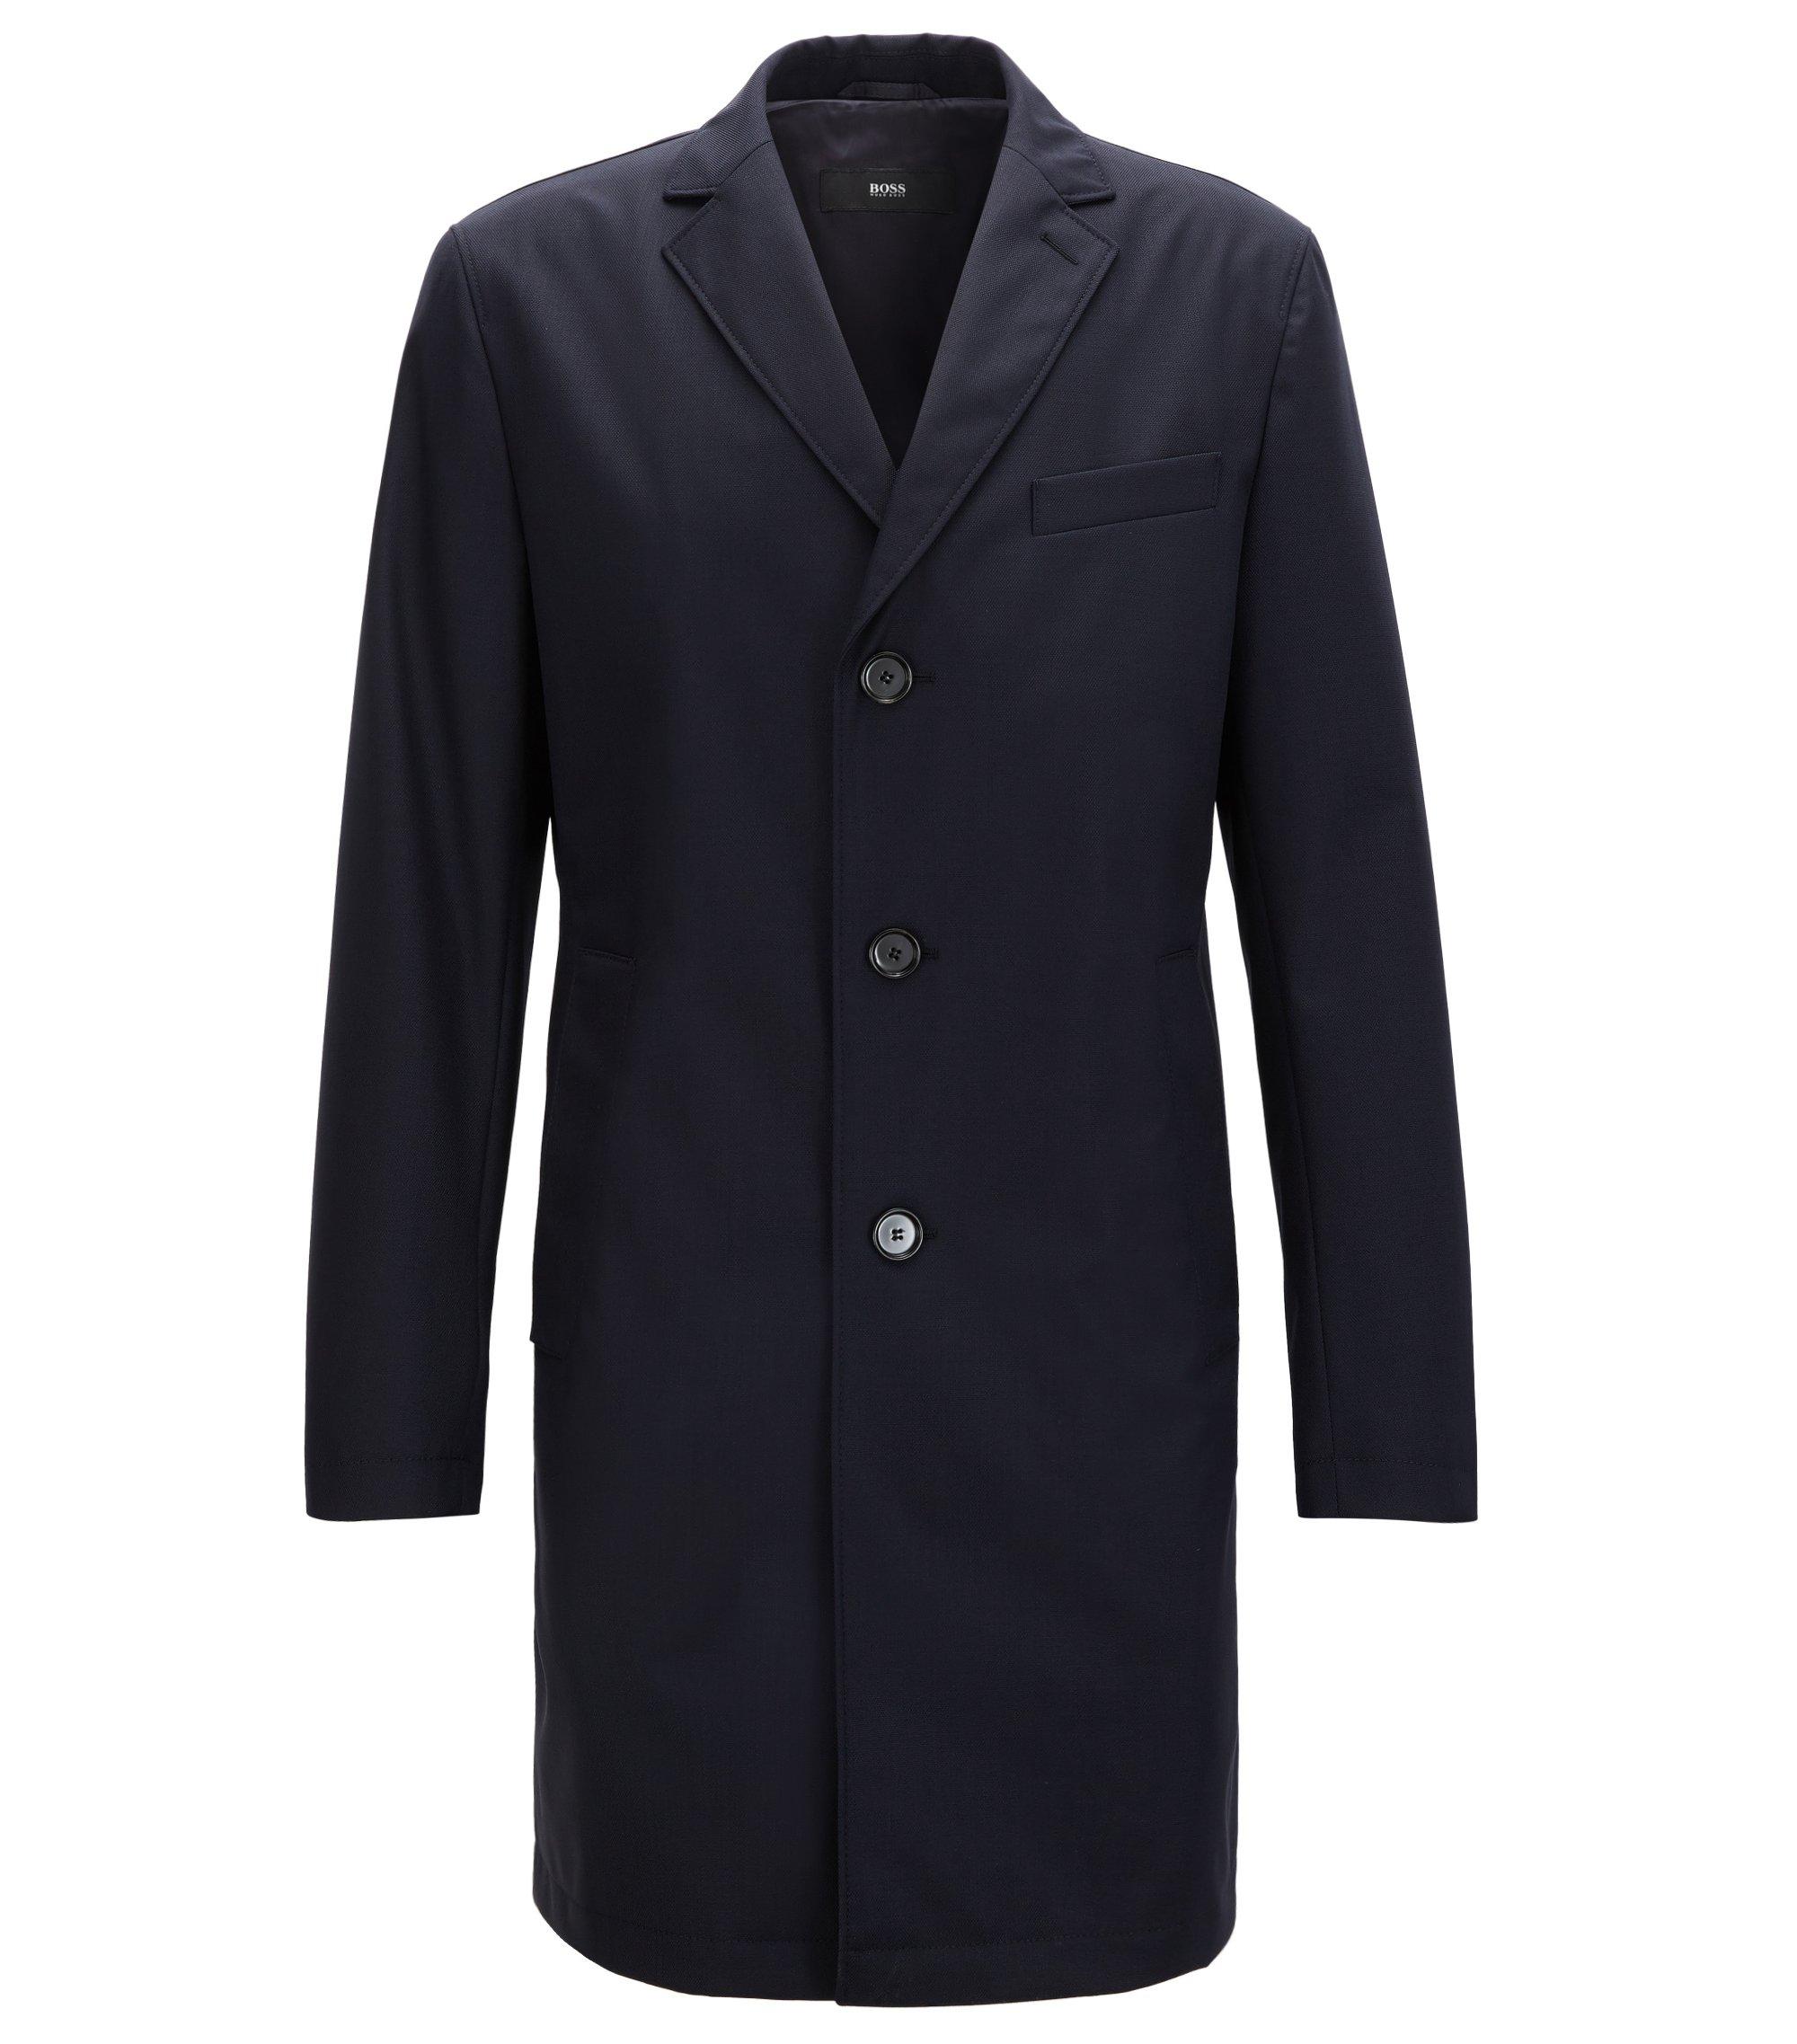 Manteau Slim Fit en laine vierge imperméable, Bleu foncé